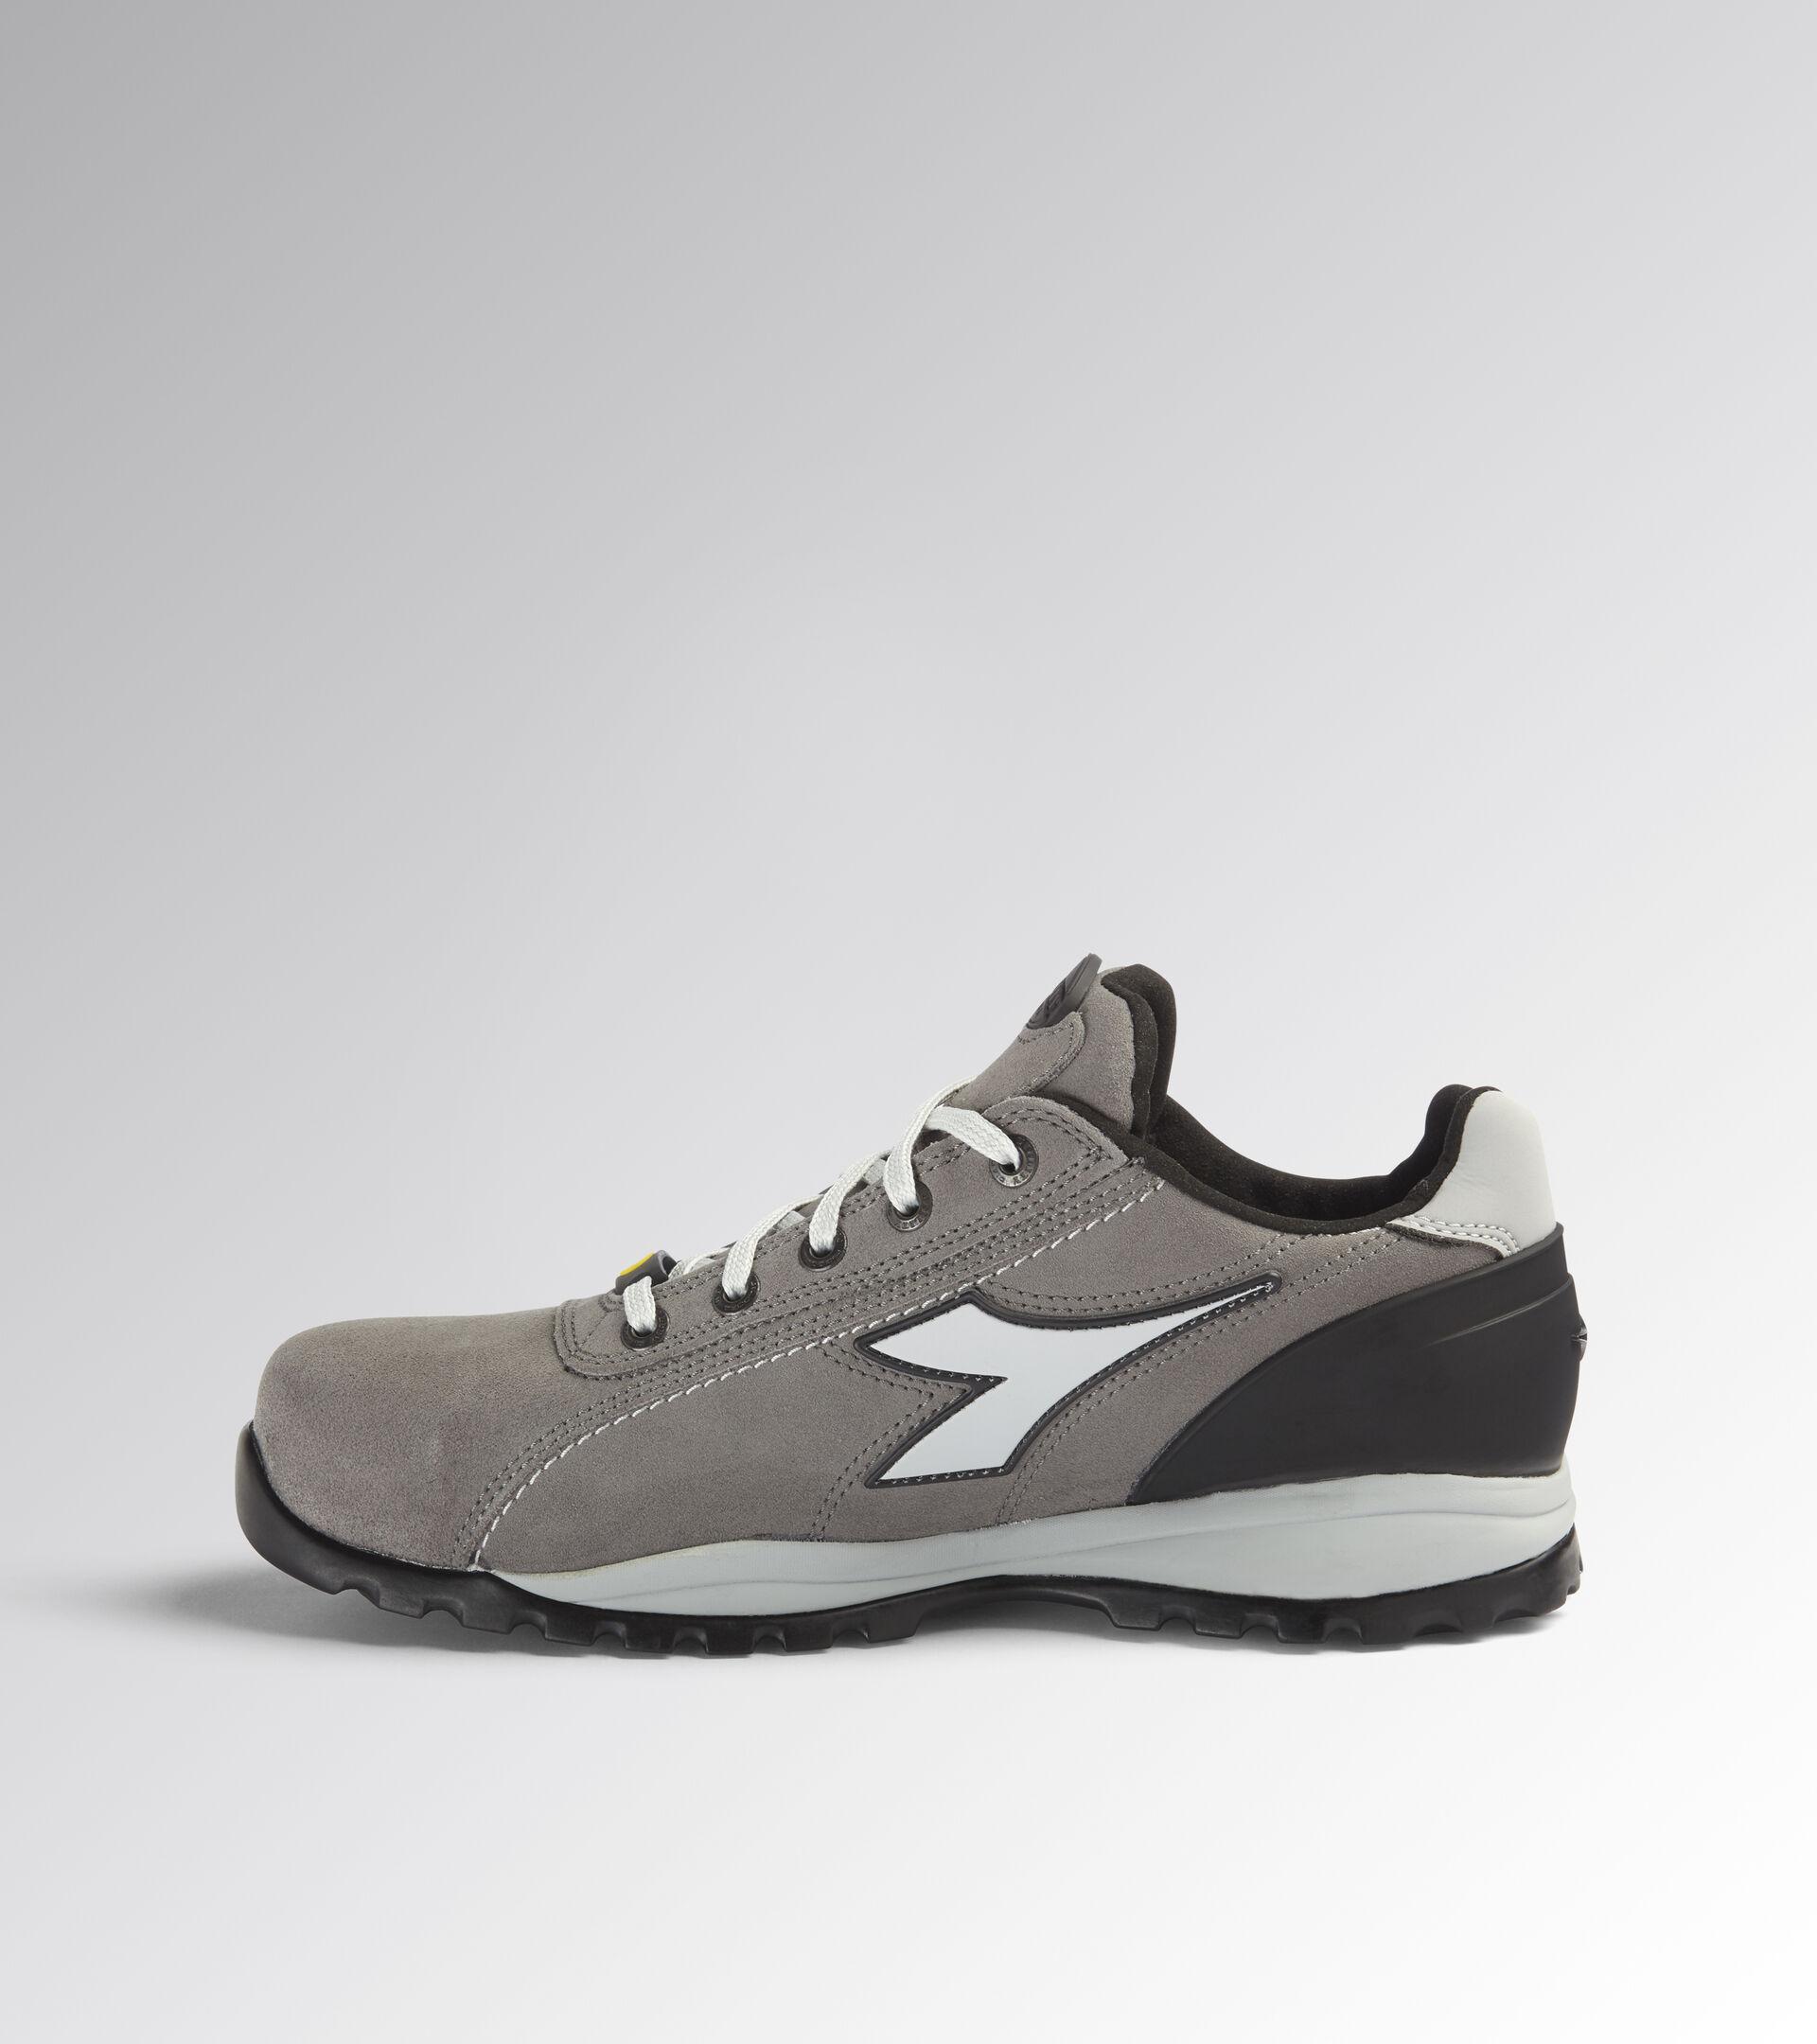 Footwear Utility UNISEX GLOVE NET LOW S3 HRO SRA ESD WINDSPIELE Utility